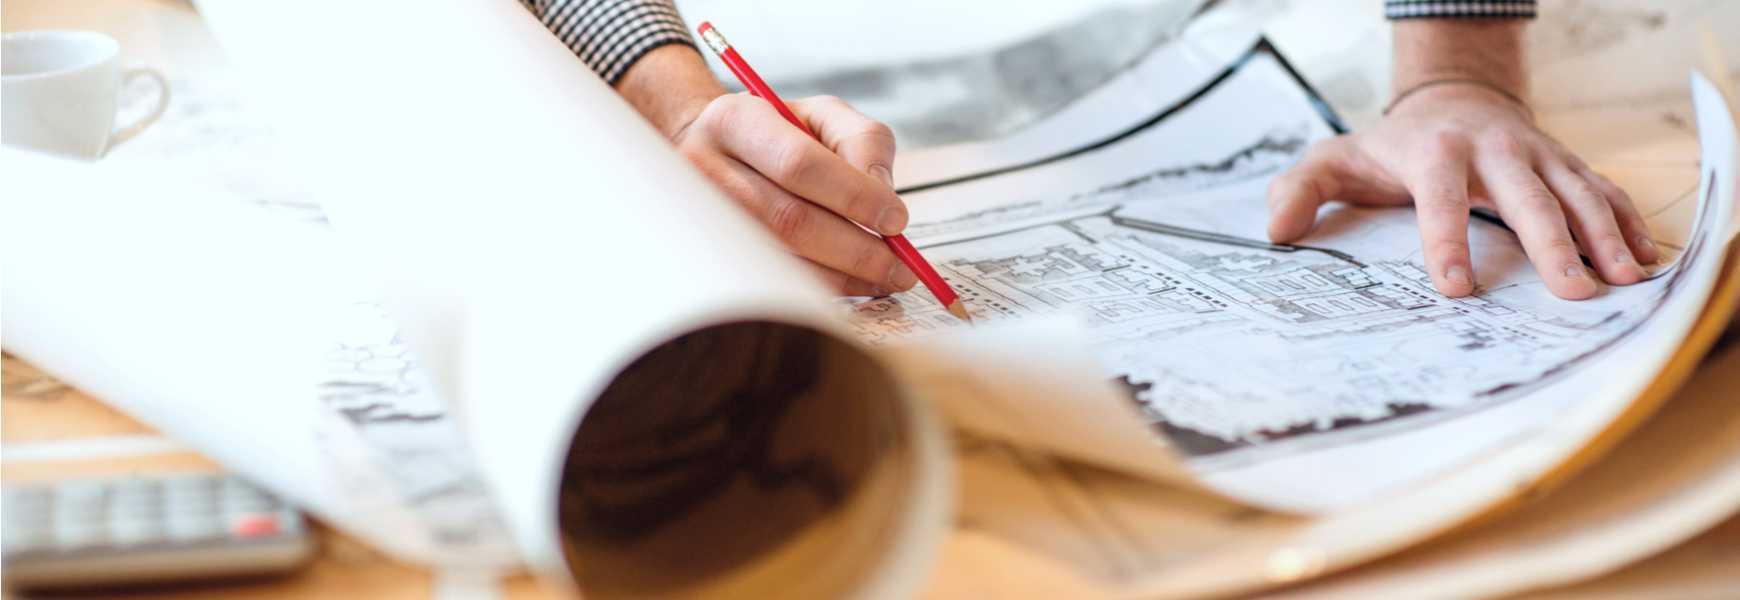 engineer looking over blueprints